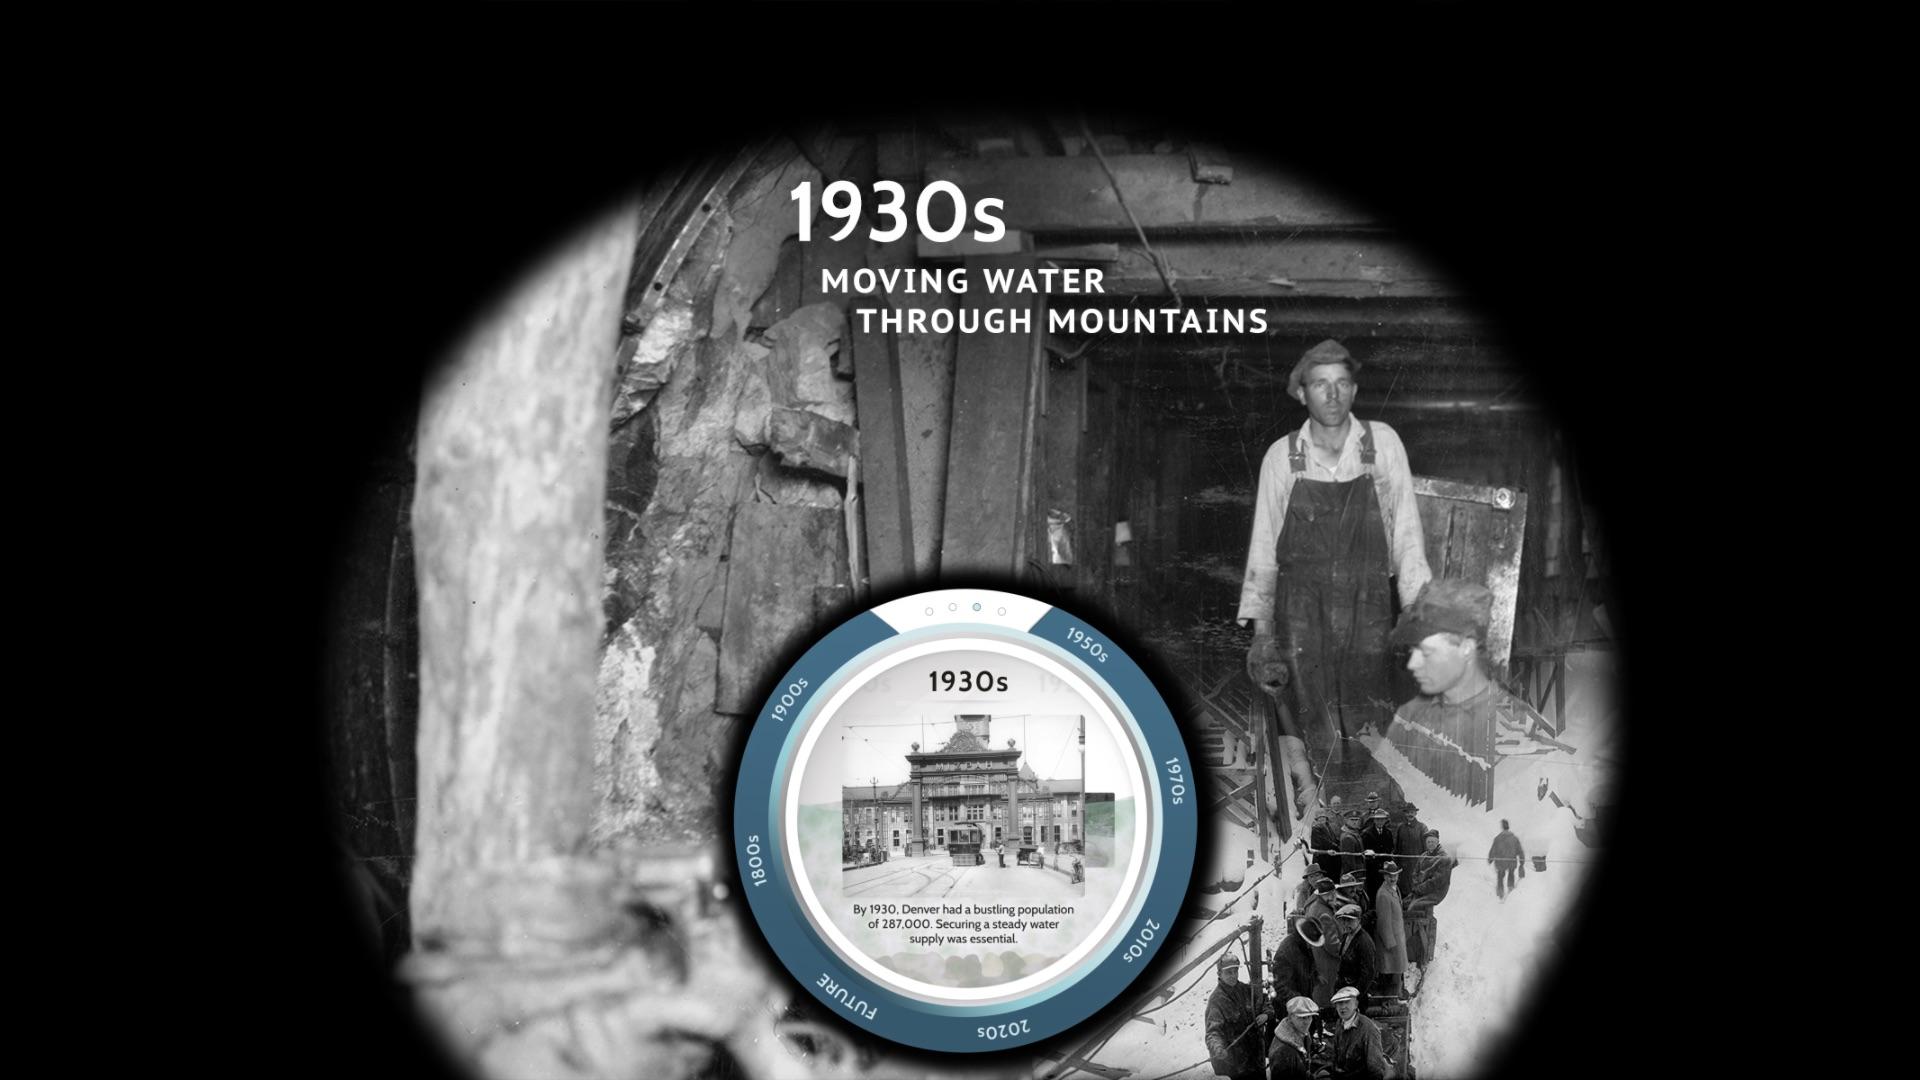 Morris_Headwaters_Timeline_1930s.jpg